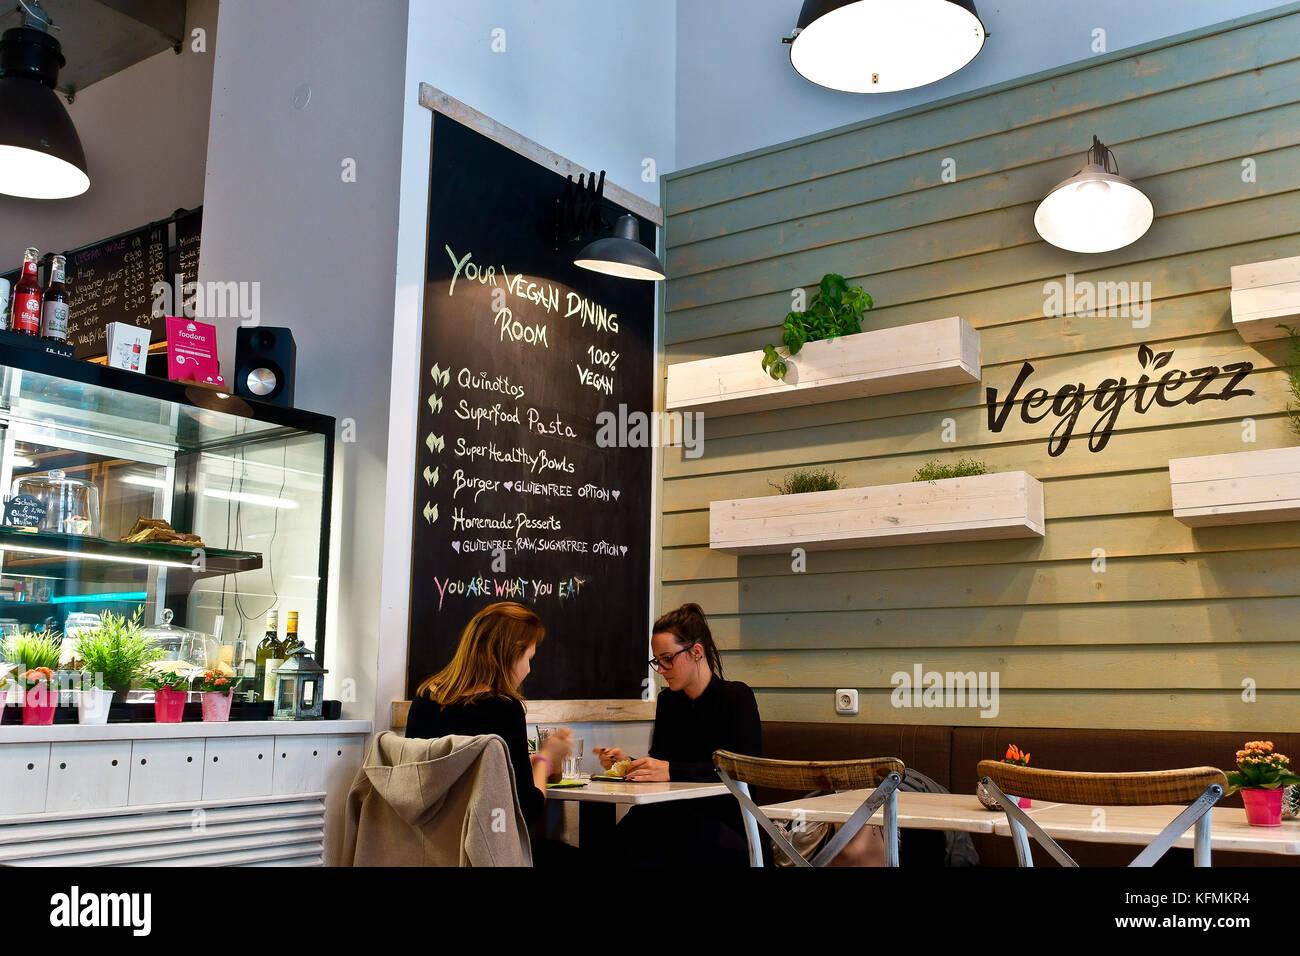 Amici, due ragazze di pranzare in Veggiezz tutti i vegan ristorante. Vienna, Wien, Austria, Europa Immagini Stock